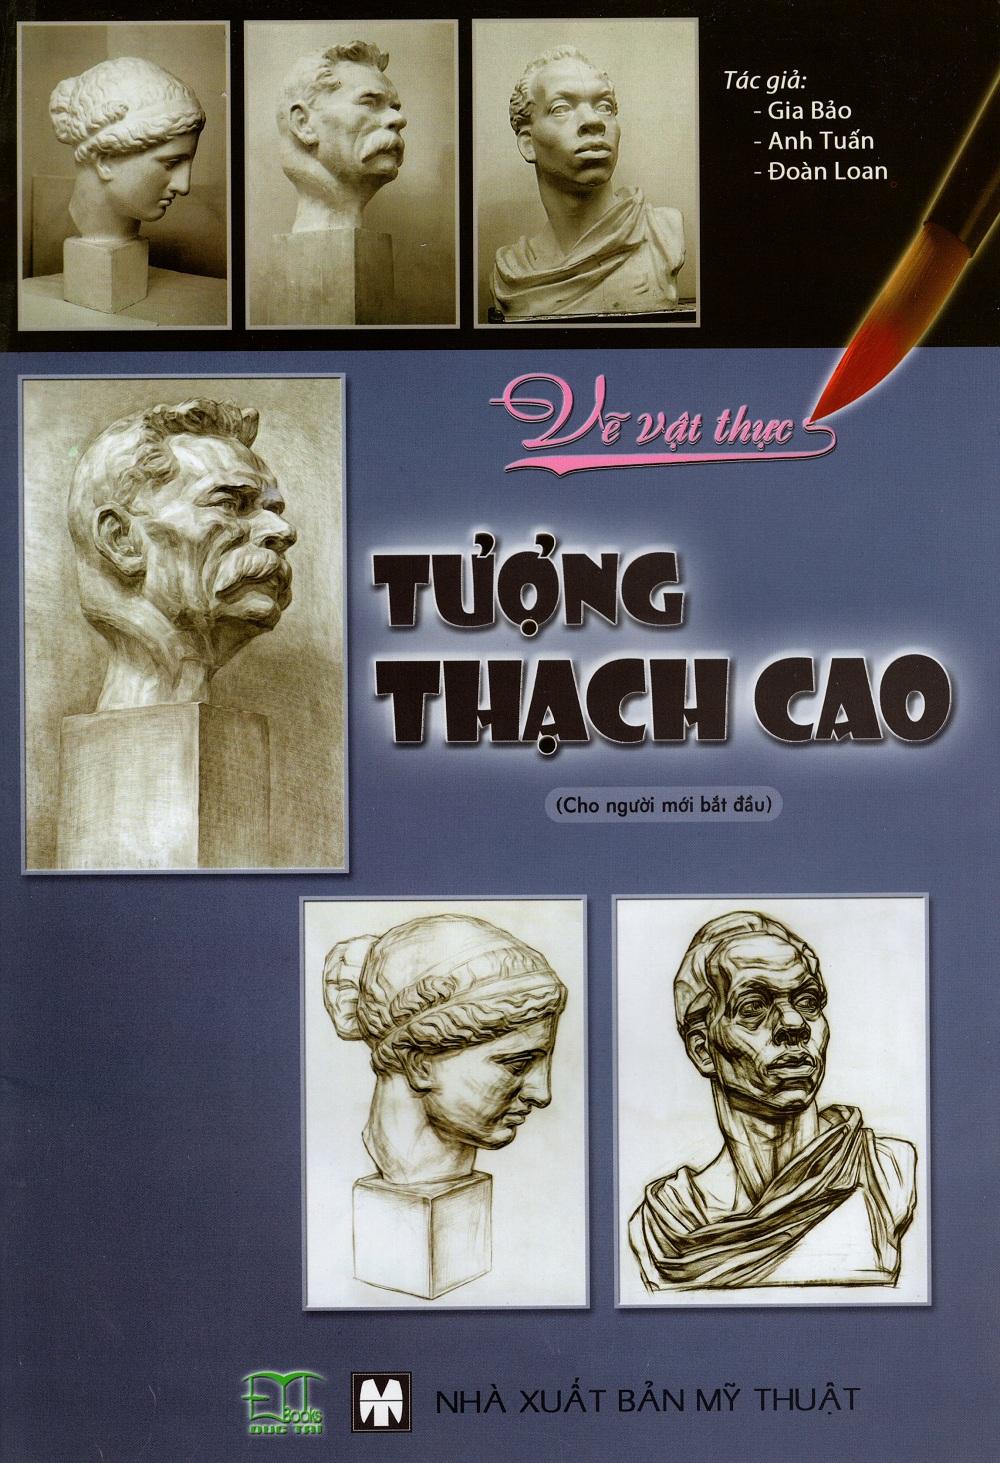 Bìa sách Vẽ Vật Thực - Tượng Thạch Cao (Cho Người Mới Bắt Đầu)